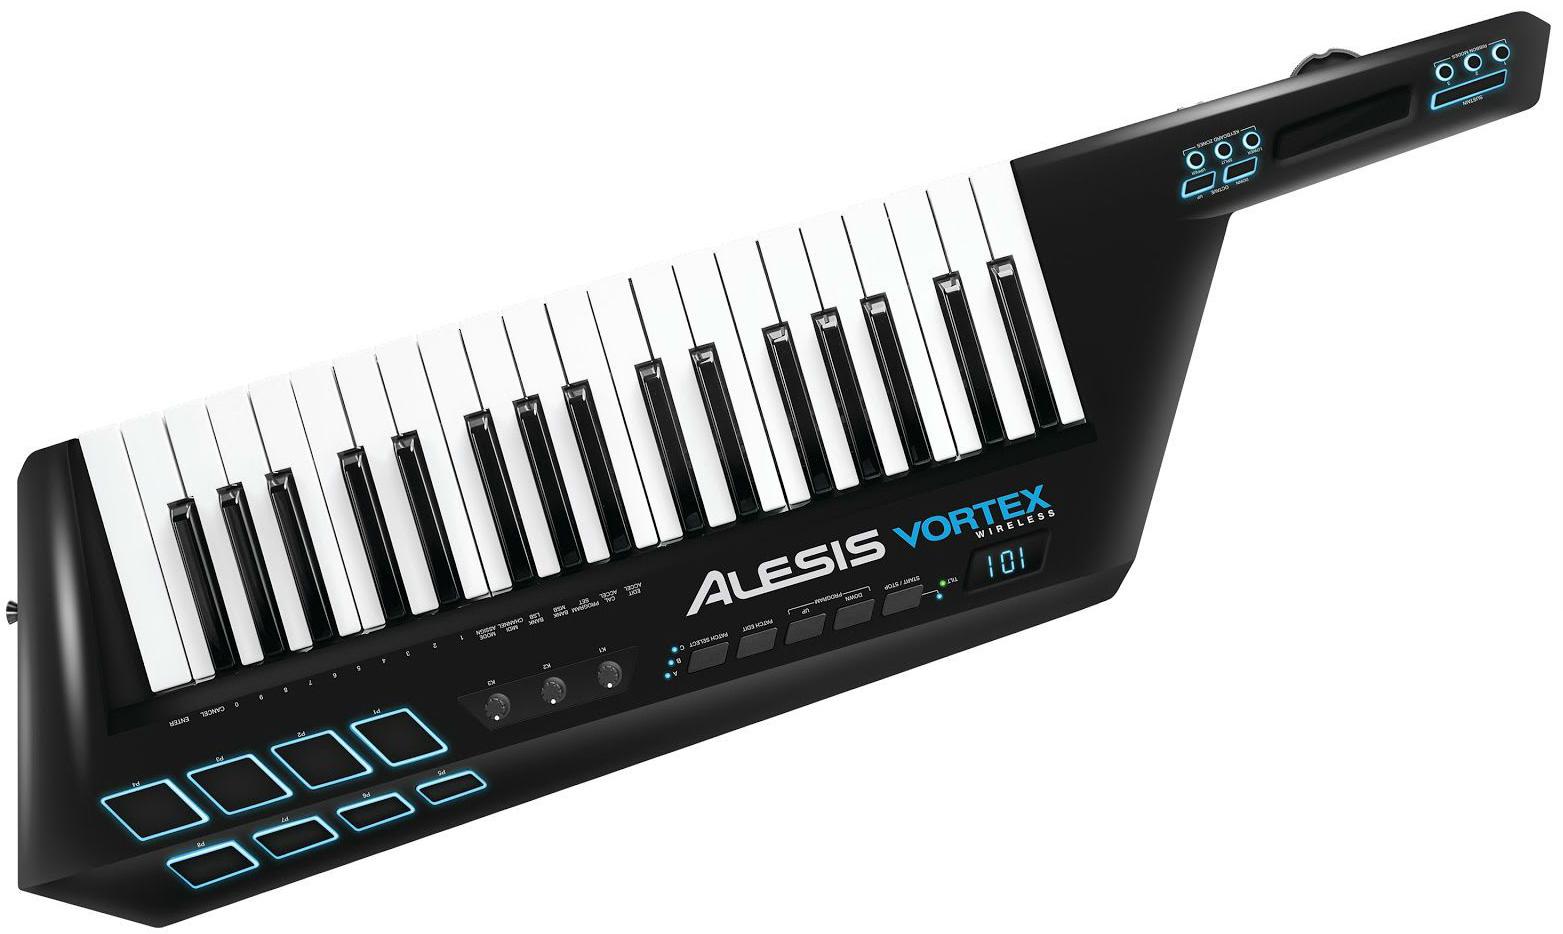 Alesis Vortex Wireless A050300